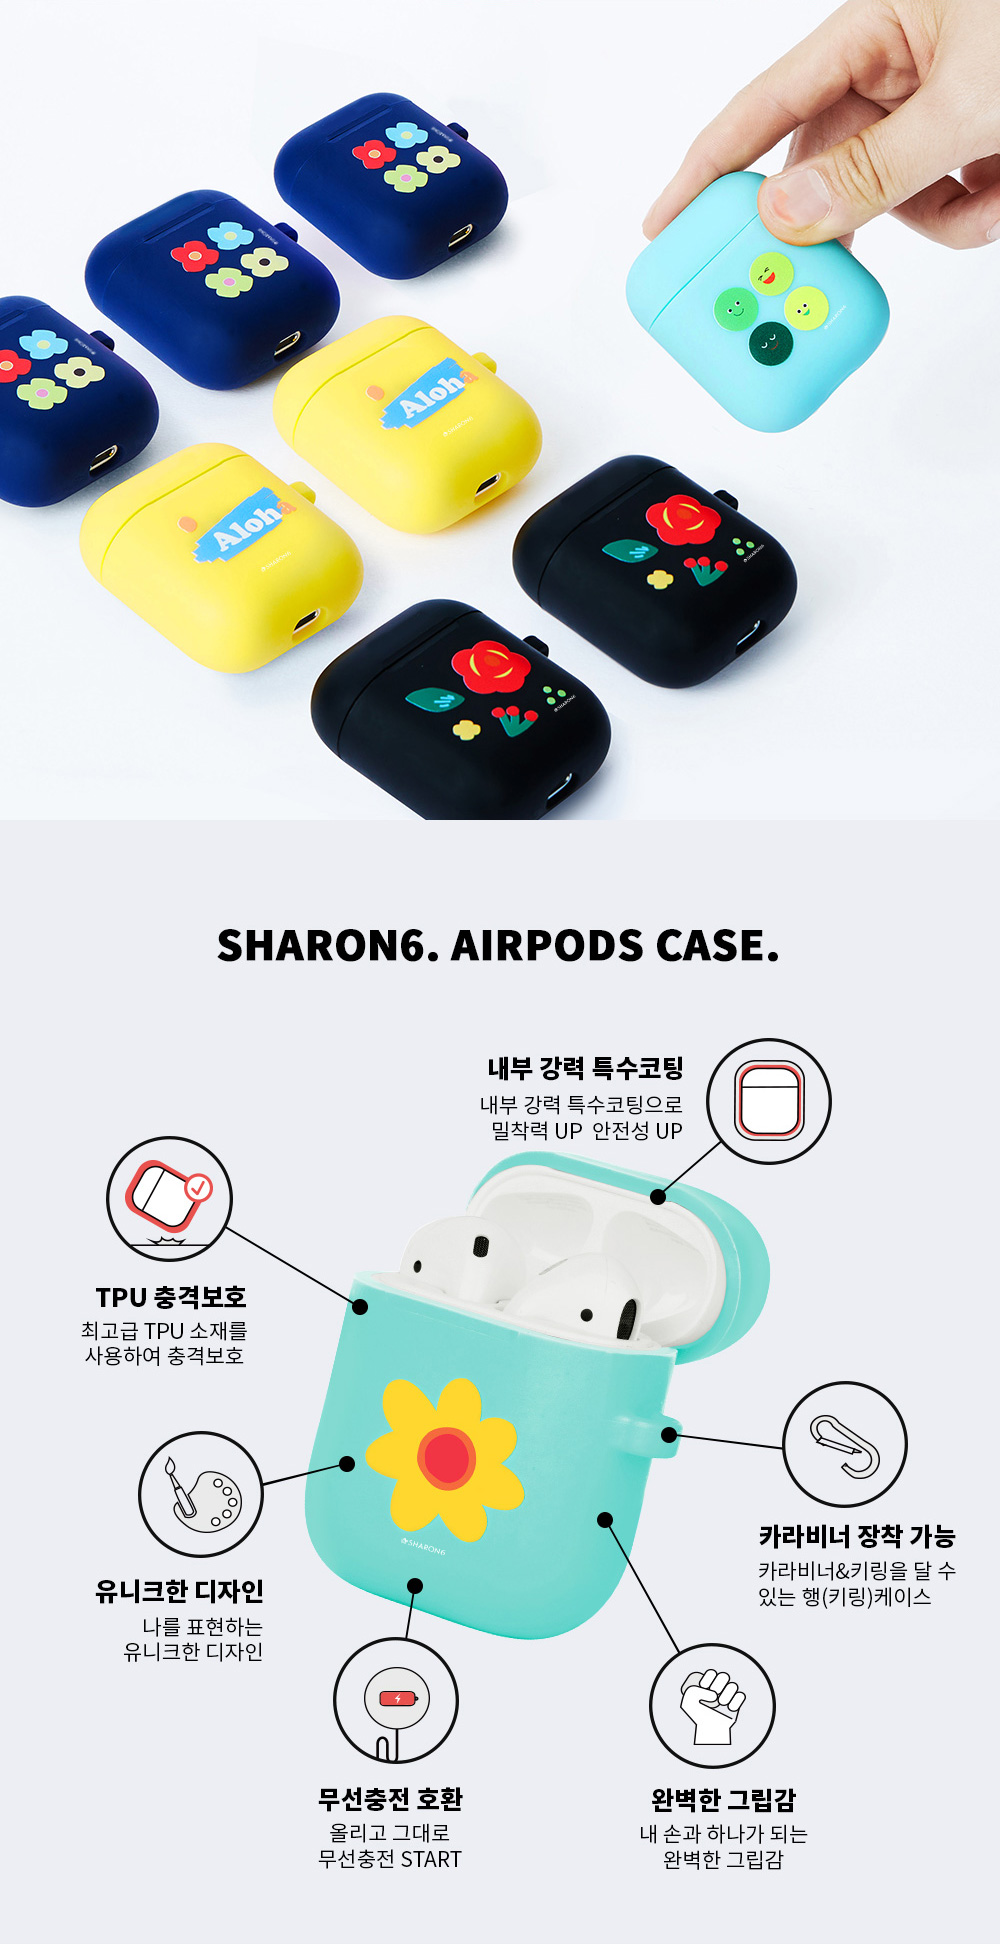 샤론6(SHARON6) 에어팟 케이스 해피프렌즈